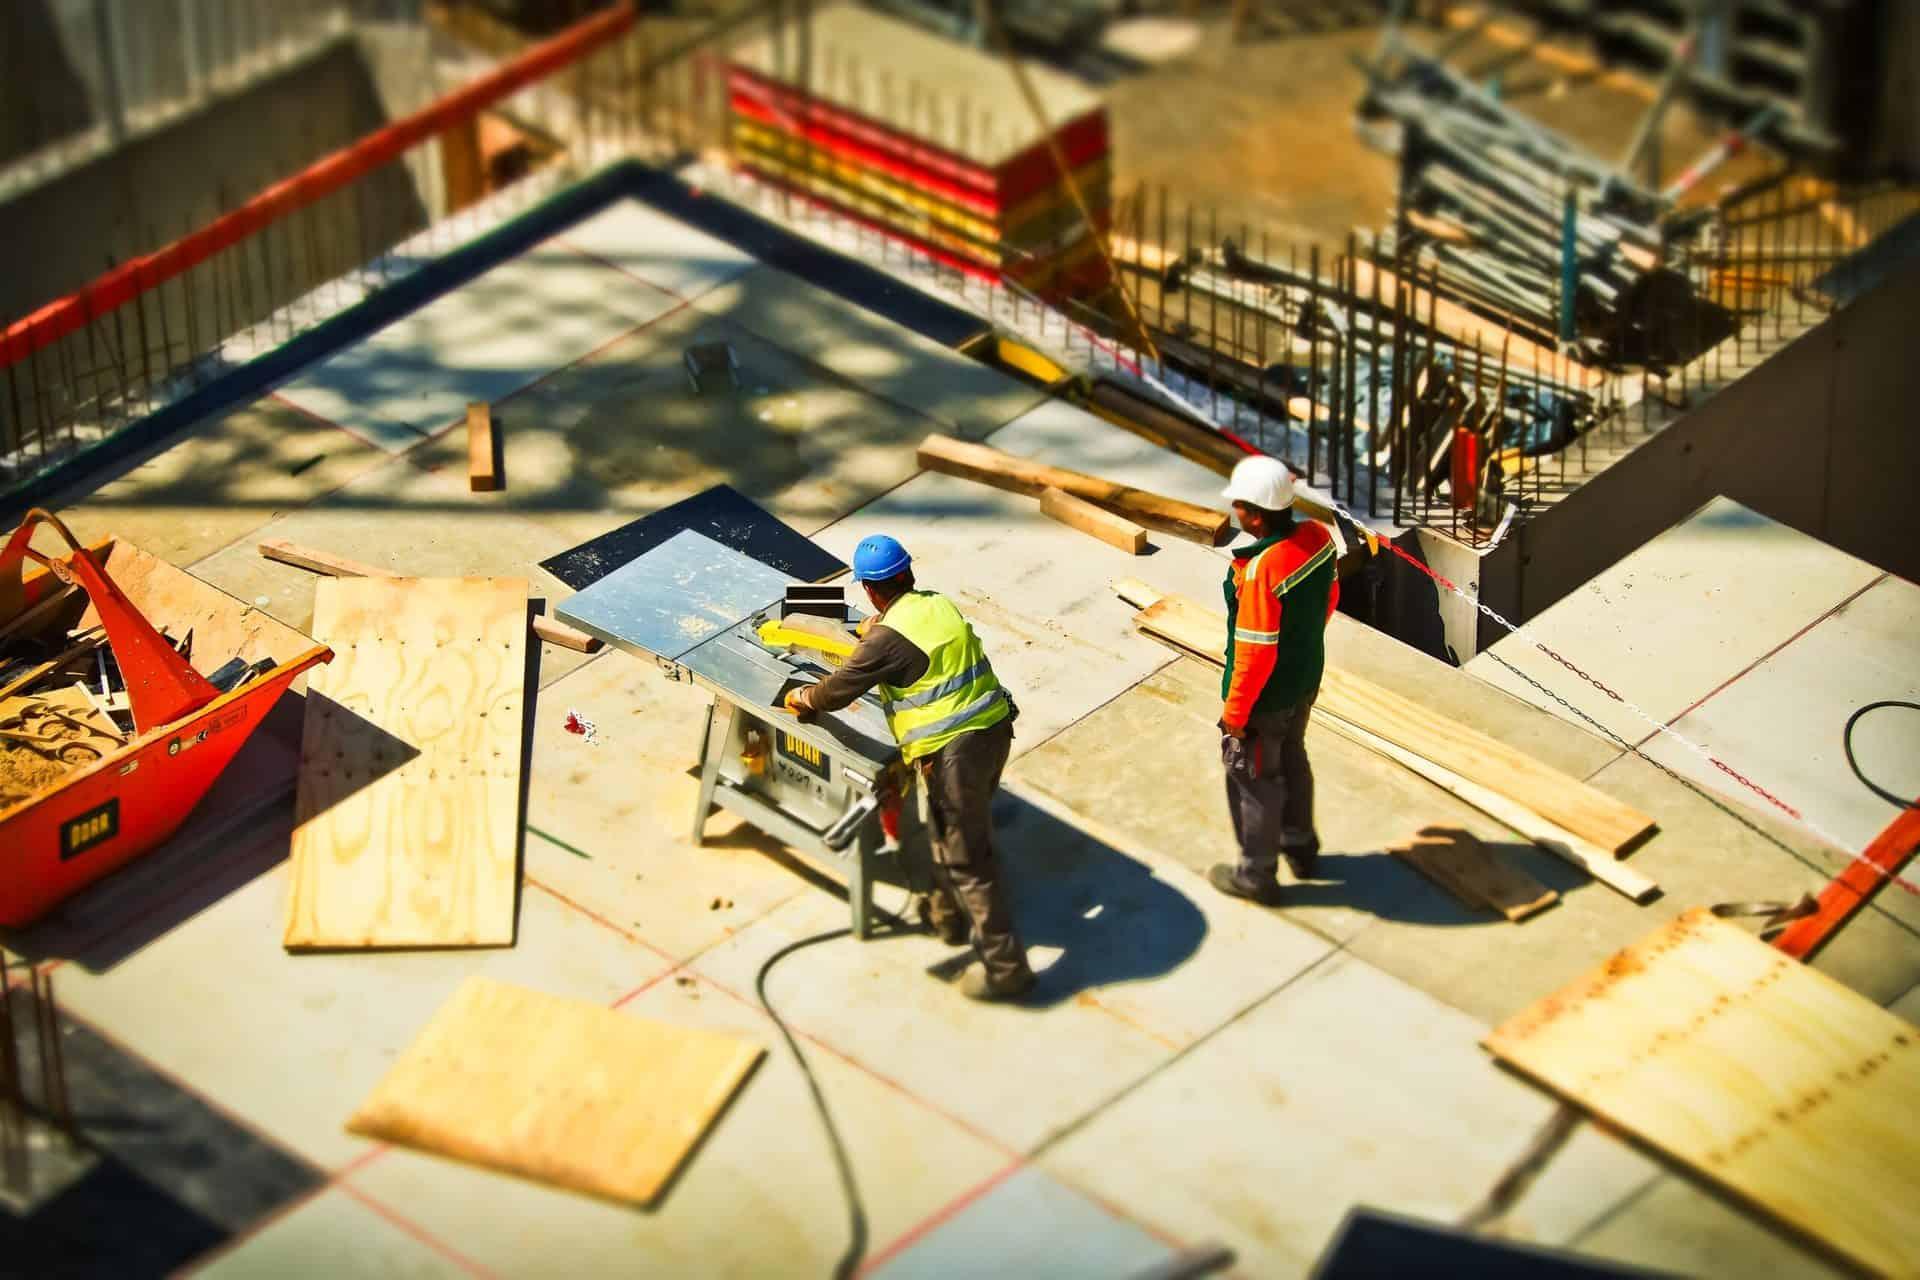 byggearbejder